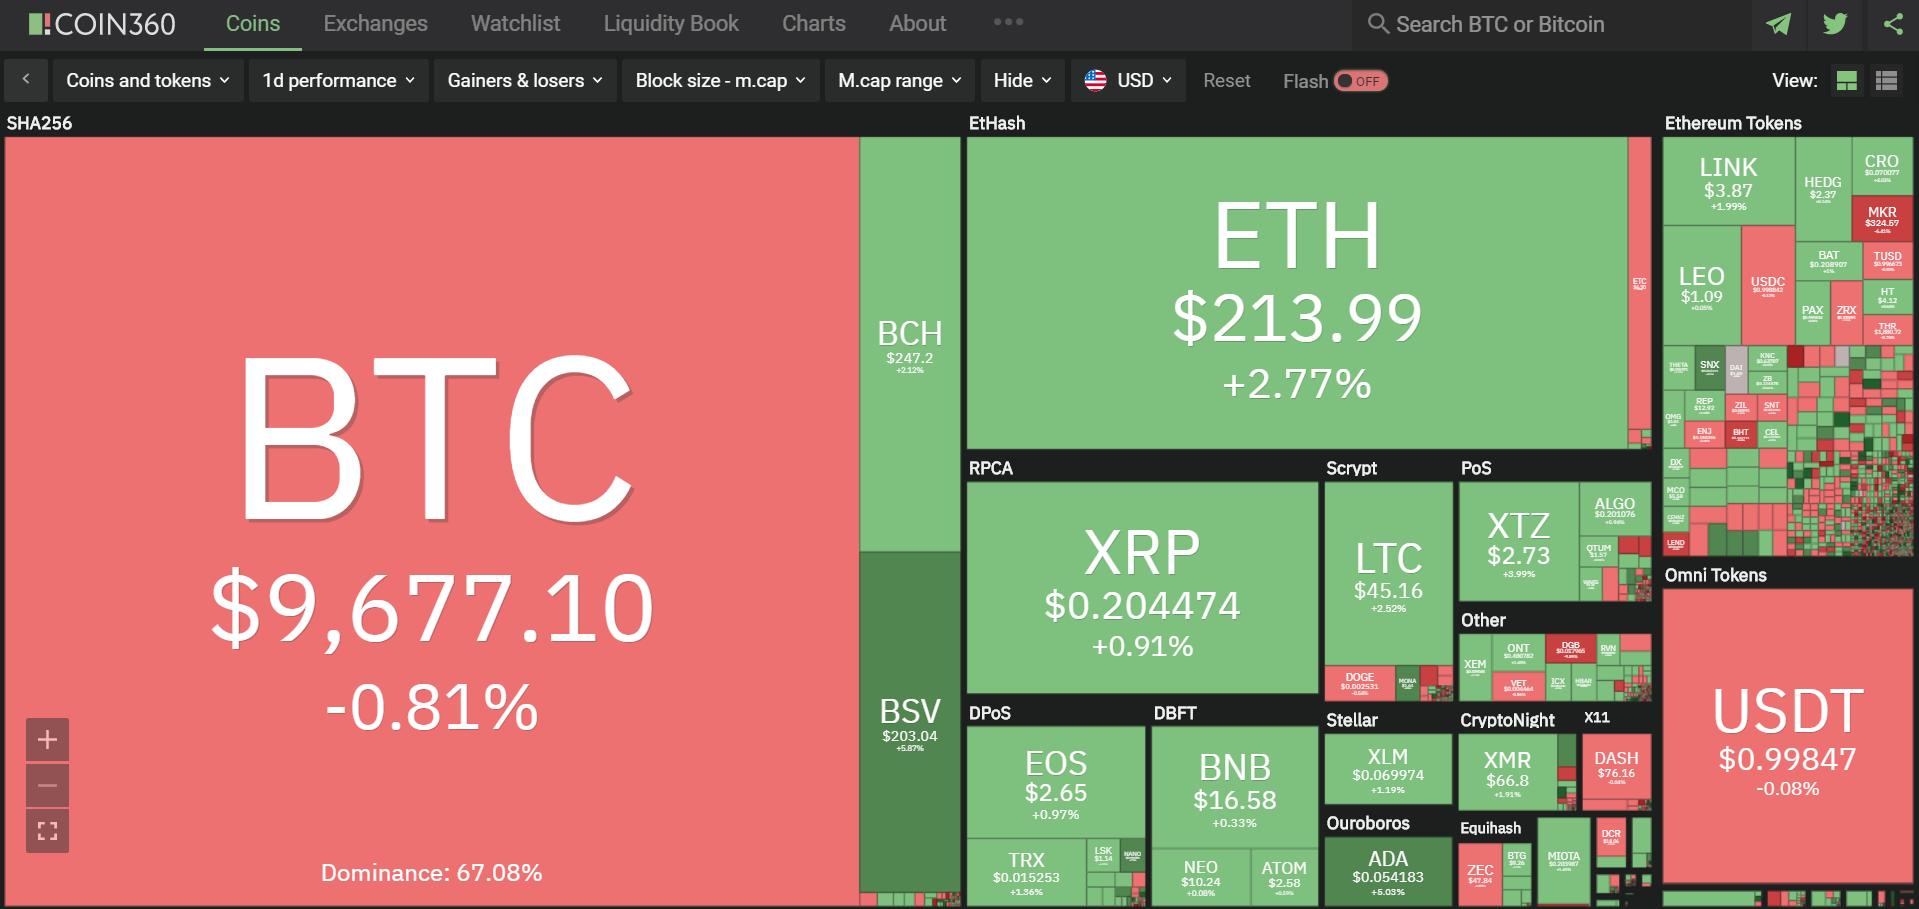 Toàn cảnh thị trường ngày 19/5 (nguồn: Coin360.com)